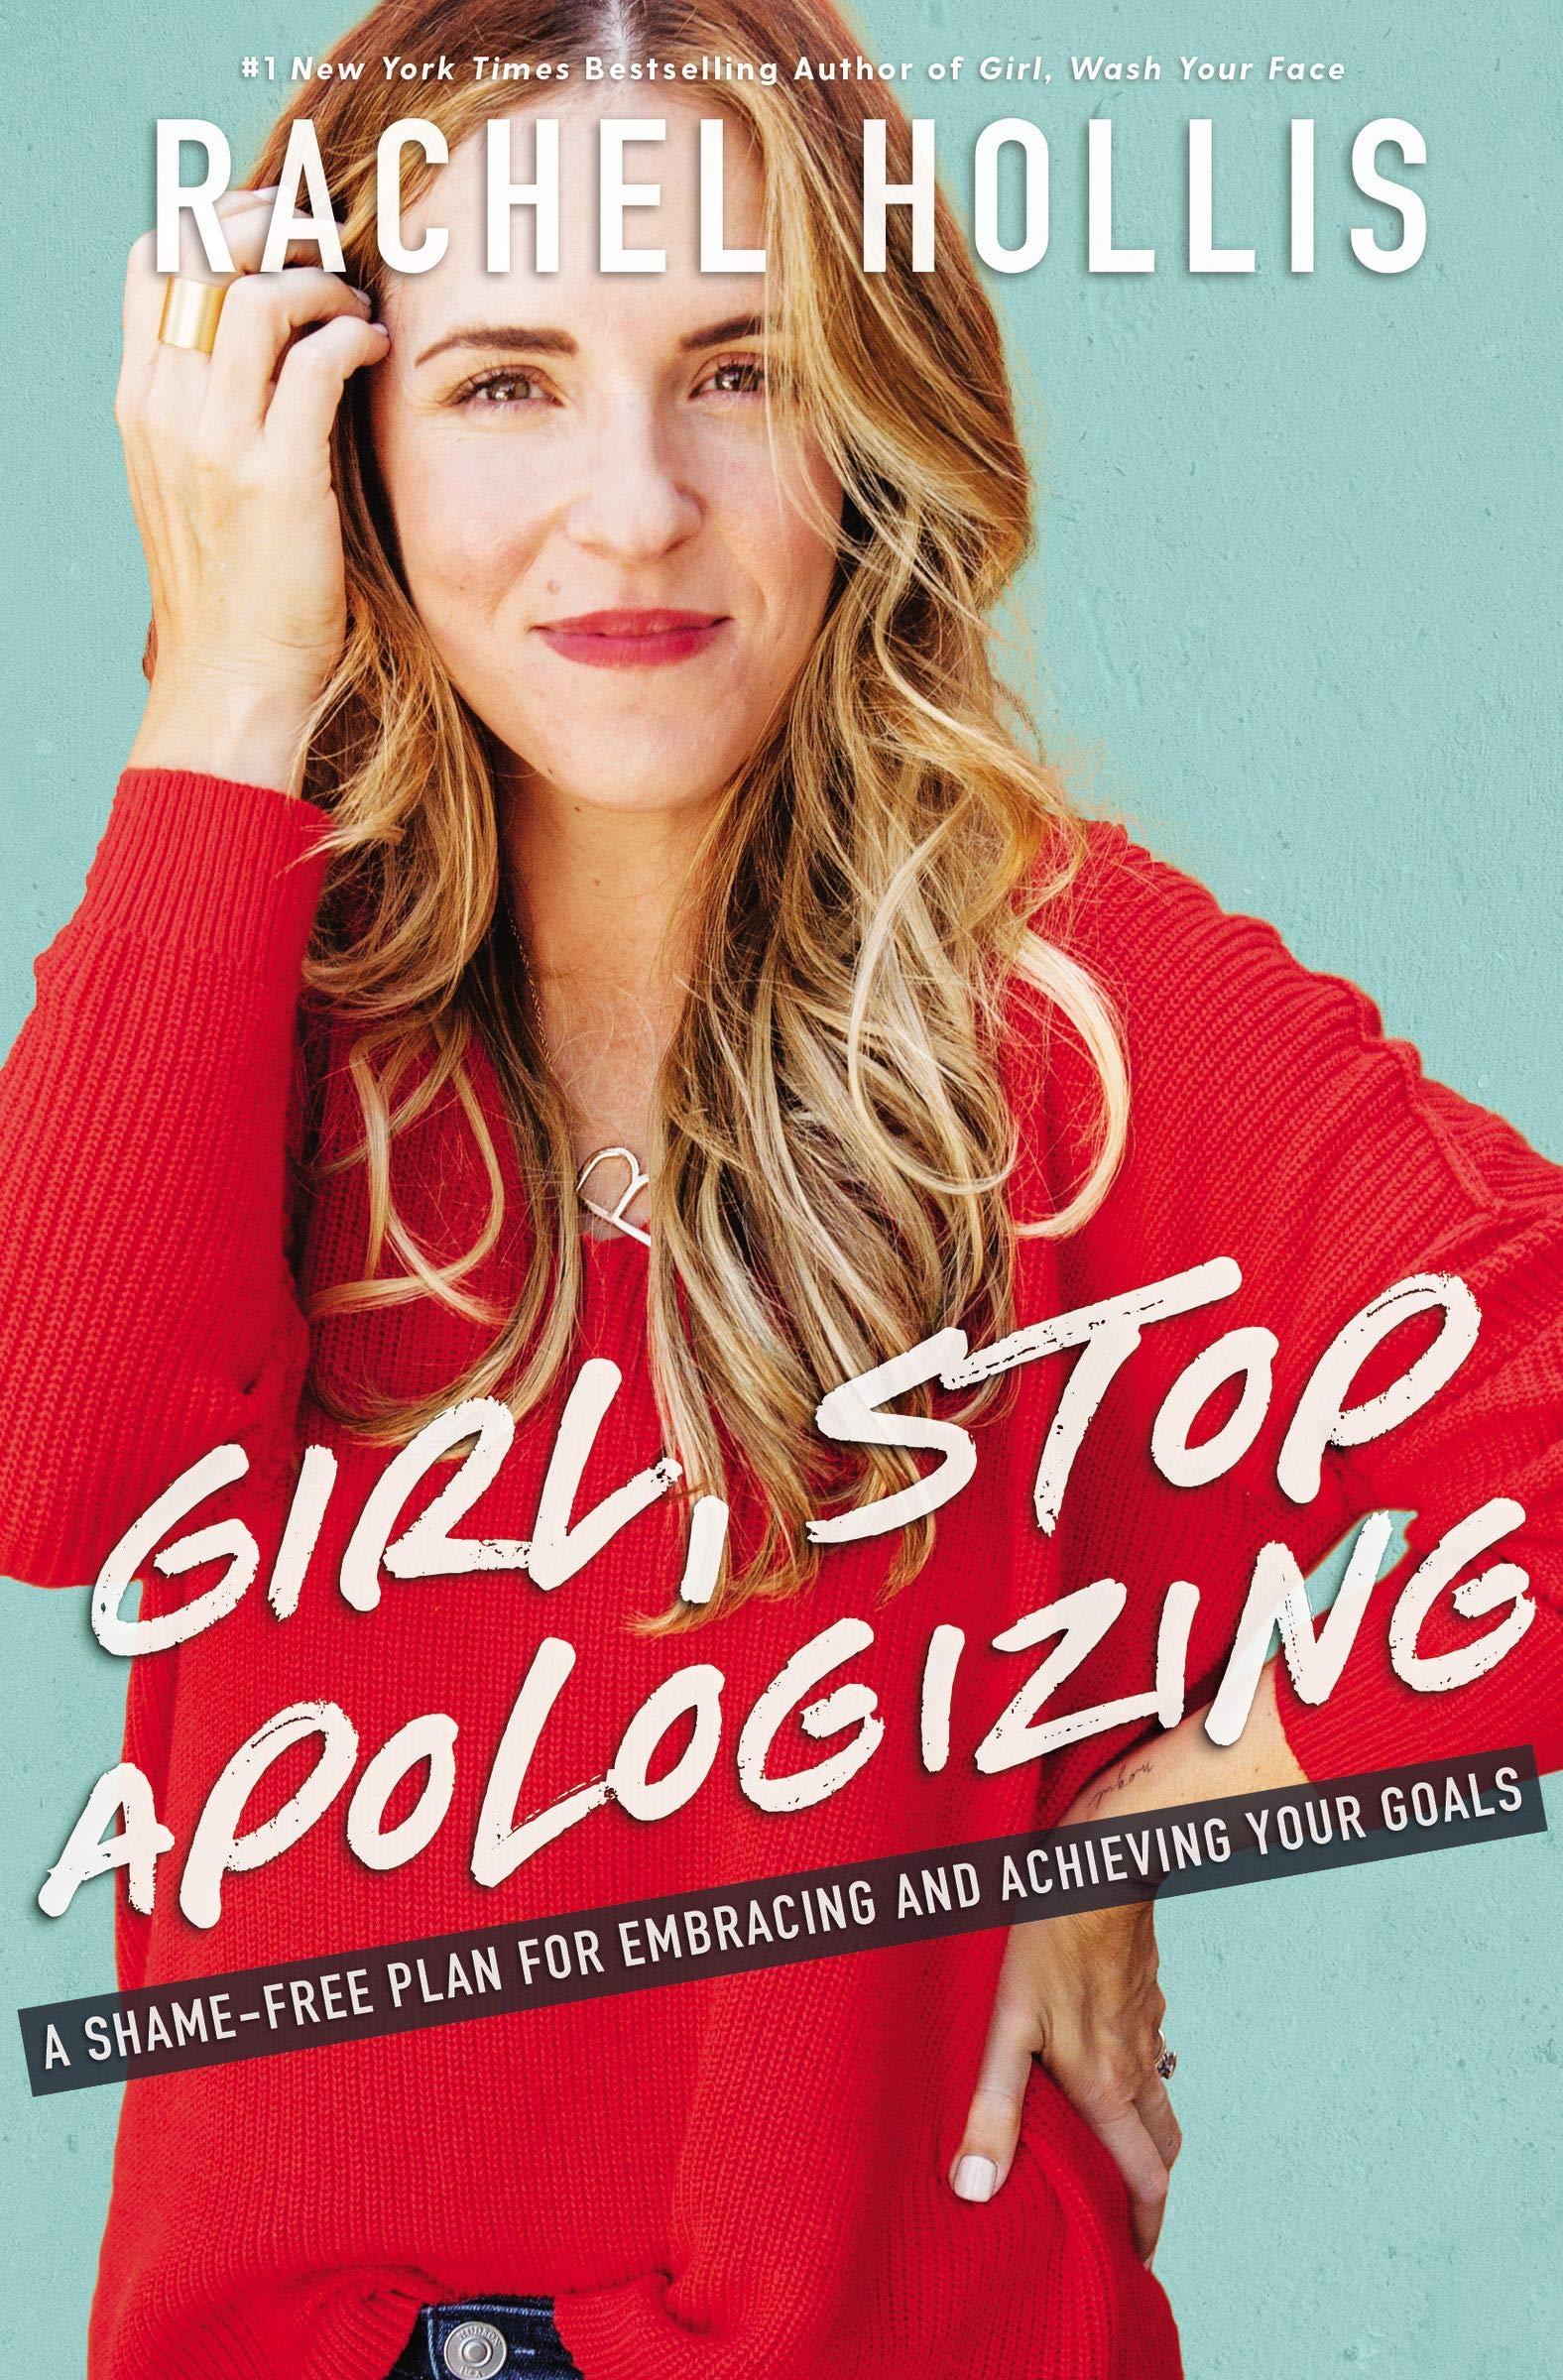 Rachel Hollis - Girl Stop Apologizing BookZyfa